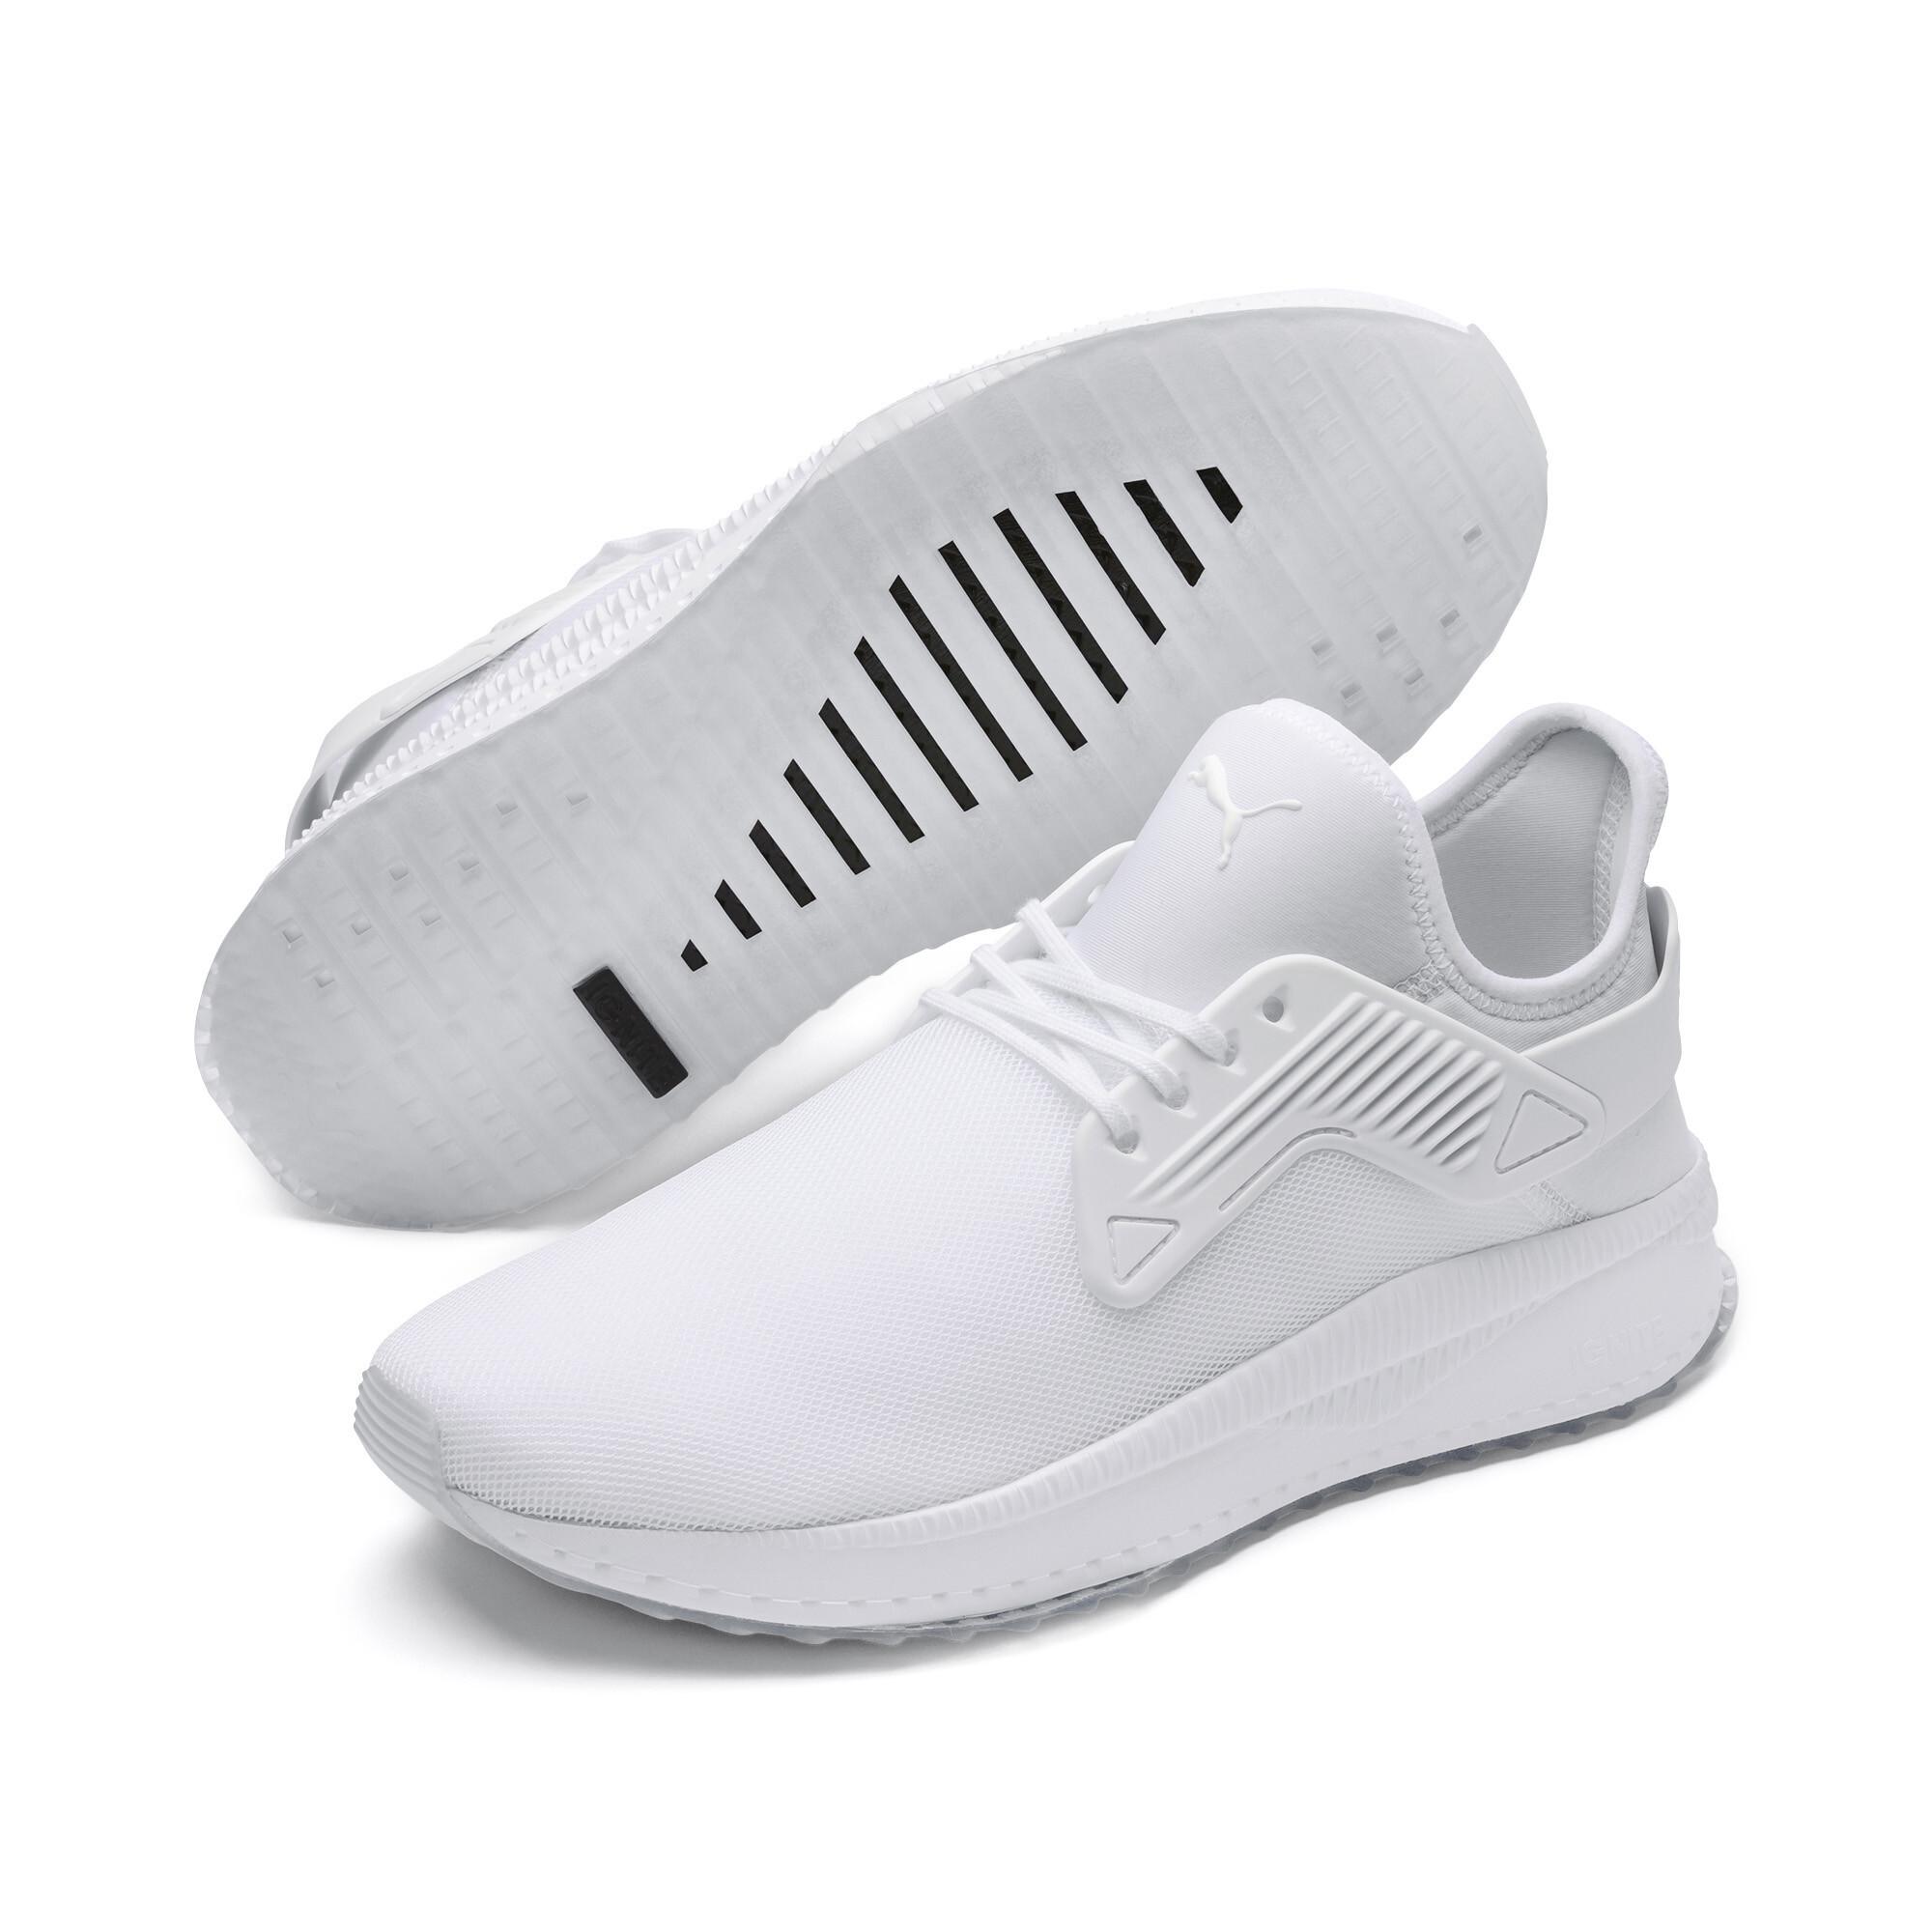 48e32cf263a Tsugi Cage Men's Sneakers | 20 - White | Puma